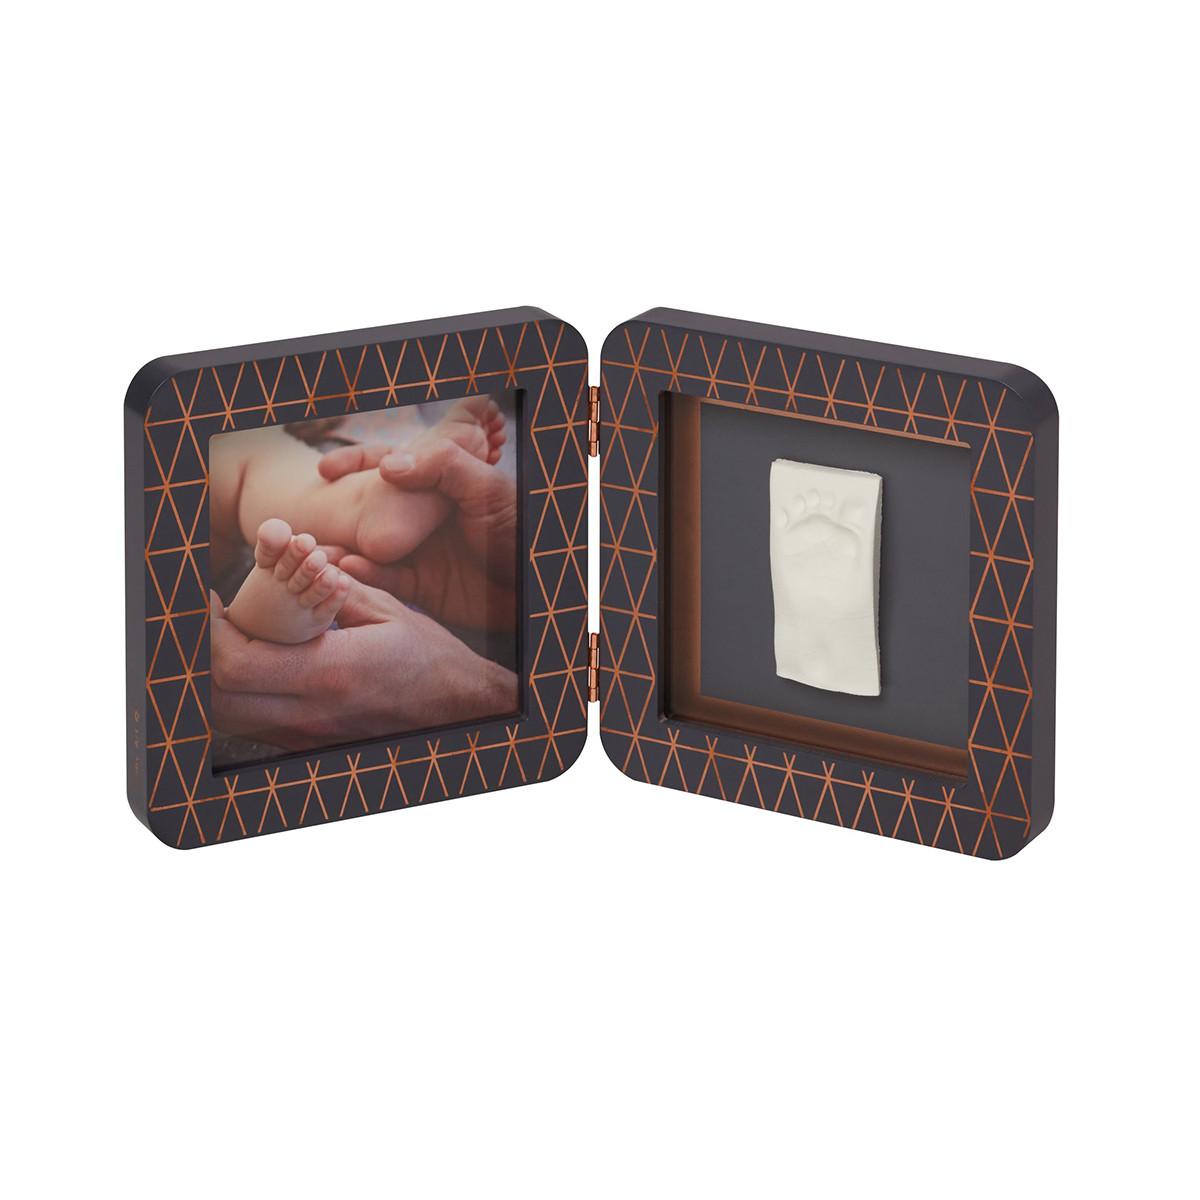 Κορνίζα Αποτύπωμα 2 Θέσεων Baby Art Copper Dark Grey BR72739 home   βρεφικά   βρεφική διακόσμηση